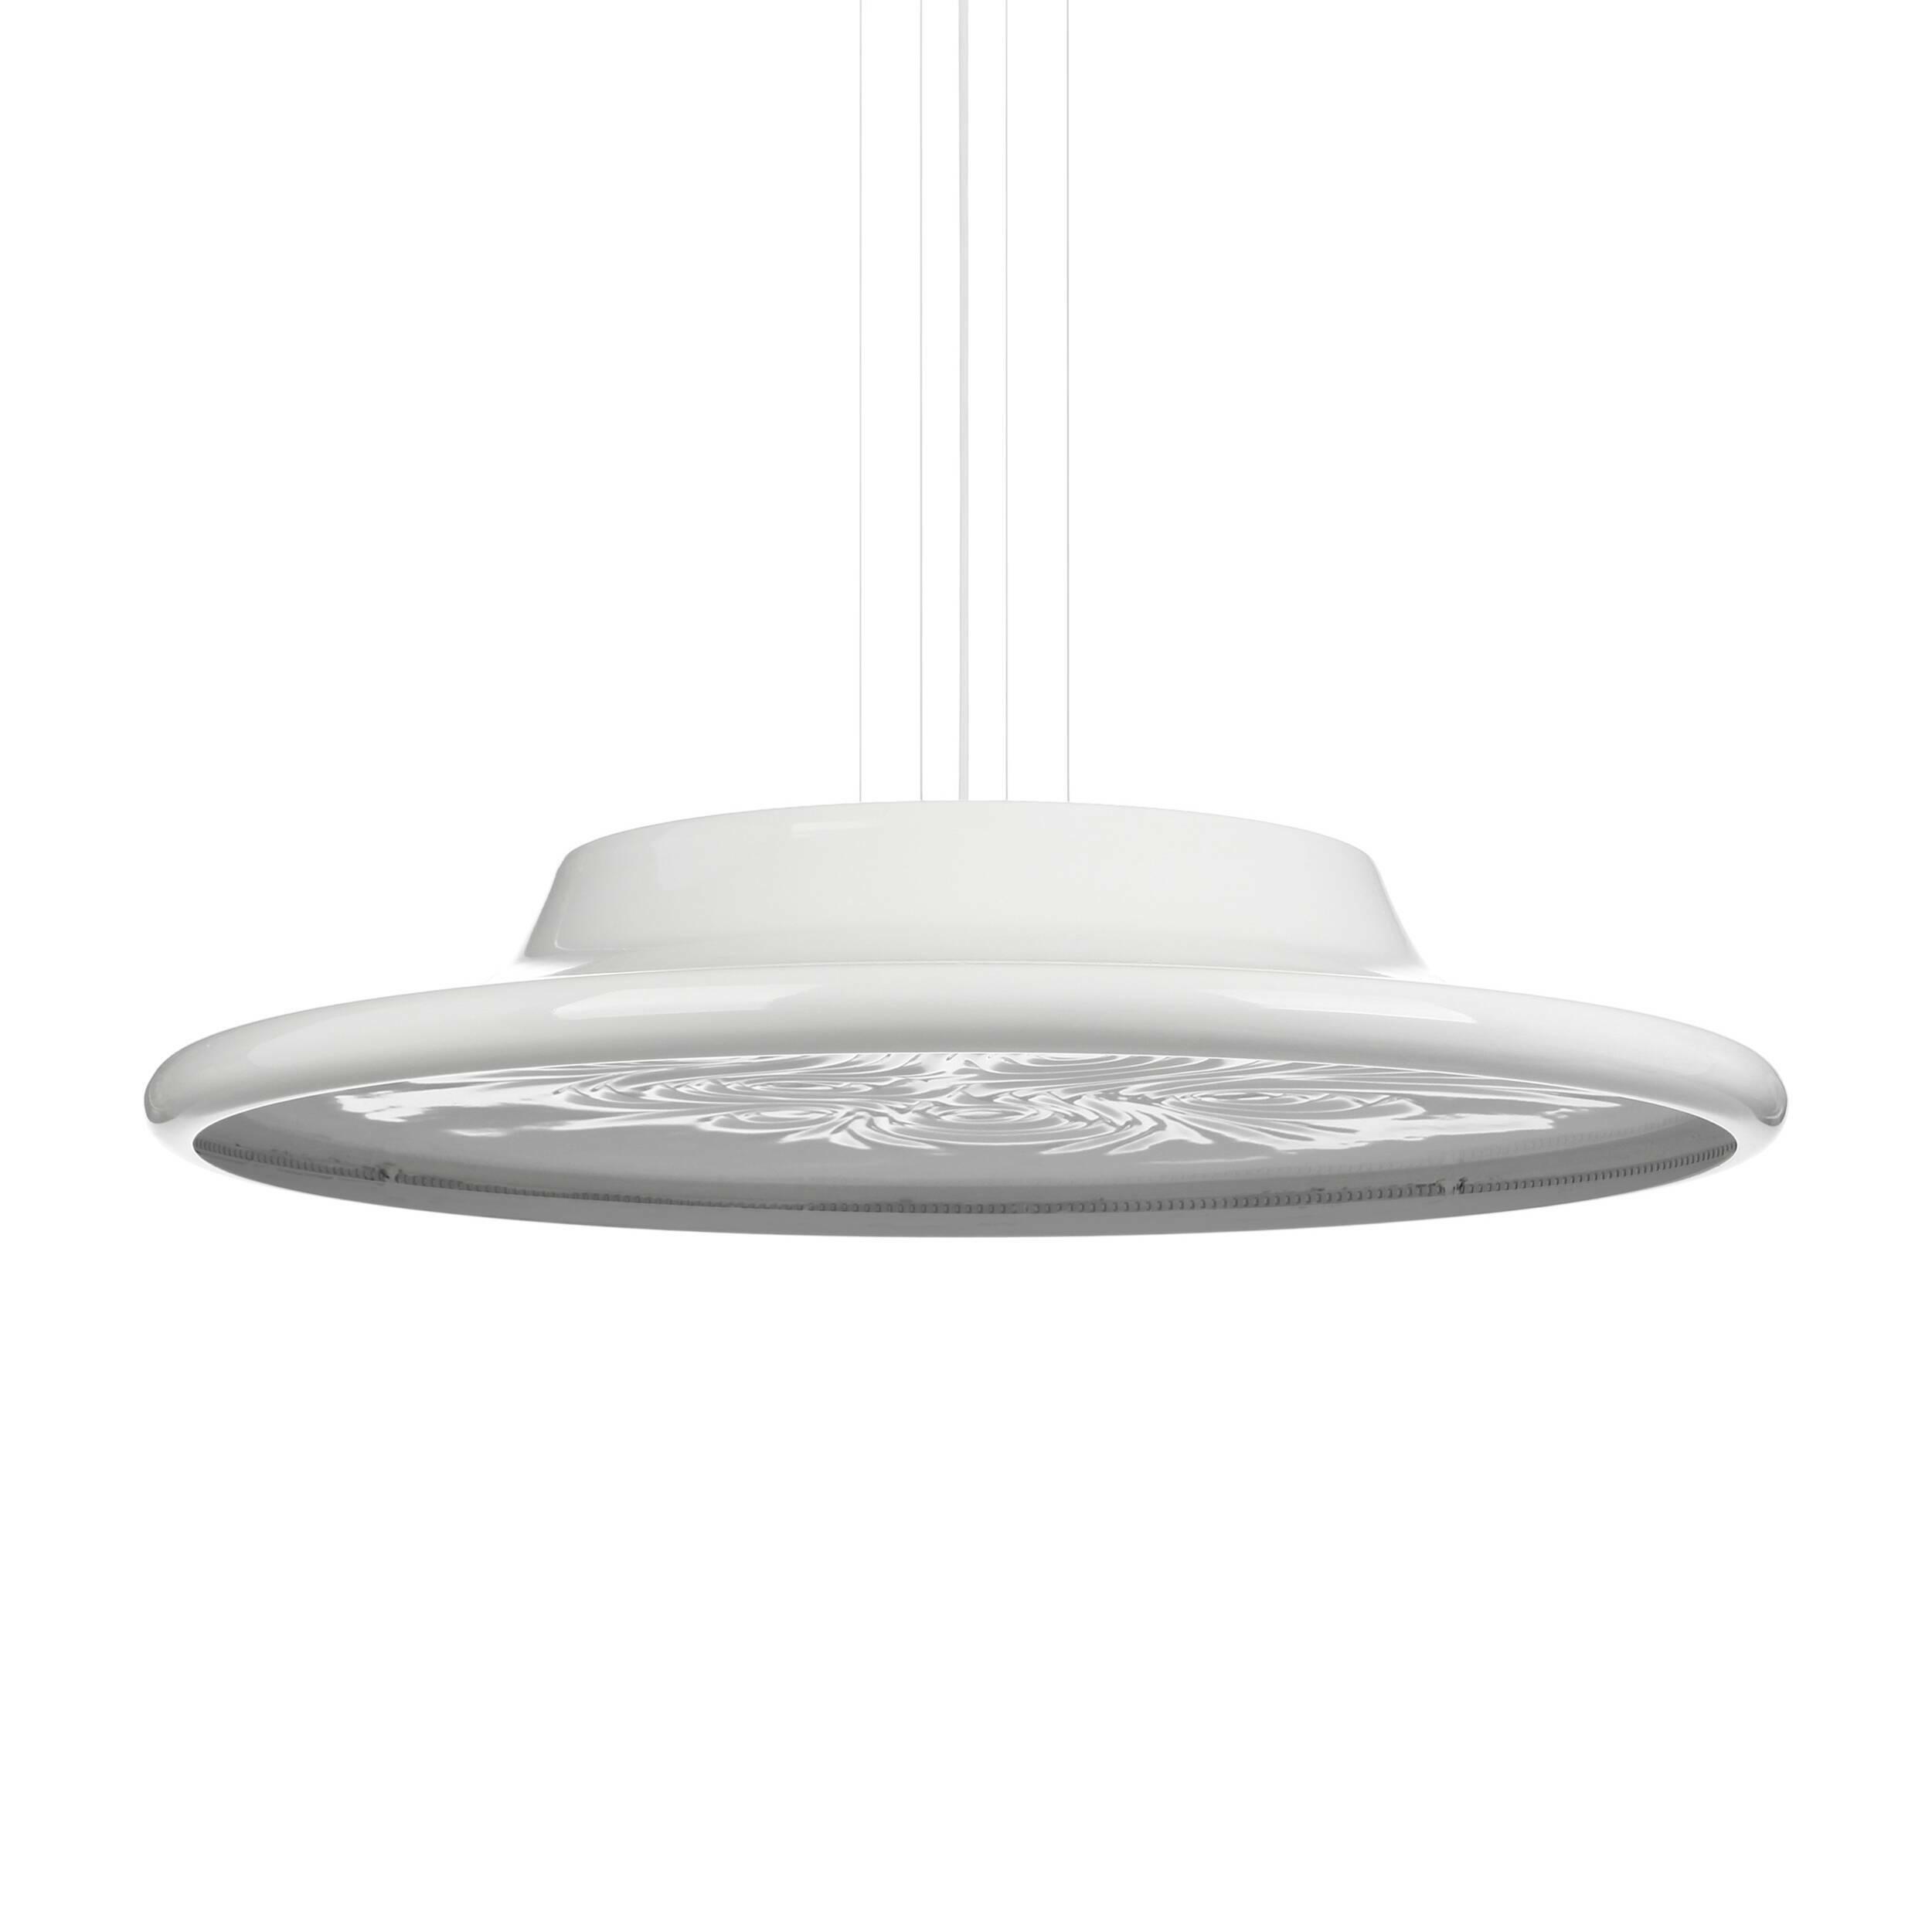 Подвесной светильник NebulaПодвесные<br>Подвесной светильник Nebula создан британским дизайнером Россом Лавгроувом. Среди его клиентов Sony, Apple, Louis Vuitton, Hermes и многие другие. Работы выставлялись в Музее современного искусства (Нью-Йорк), Музее дизайна (Лондон), Центре Помпиду (Париж) и Axis Centre (Япония). <br><br><br> По мнению многих, работы Росса Лавгроува олицетворяют новую эстетику XXI века: чувственный органический дизайн, воплощенный в красивых и эргономичных объектах. Диффузор подвесного светильника Nebula диамет...<br><br>stock: 1<br>Высота: 150<br>Диаметр: 80<br>Материал абажура: Алюминий<br>Мощность лампы: 38,4<br>Ламп в комплекте: Нет<br>Напряжение: 220<br>Тип лампы/цоколь: LED<br>Цвет абажура: Белый